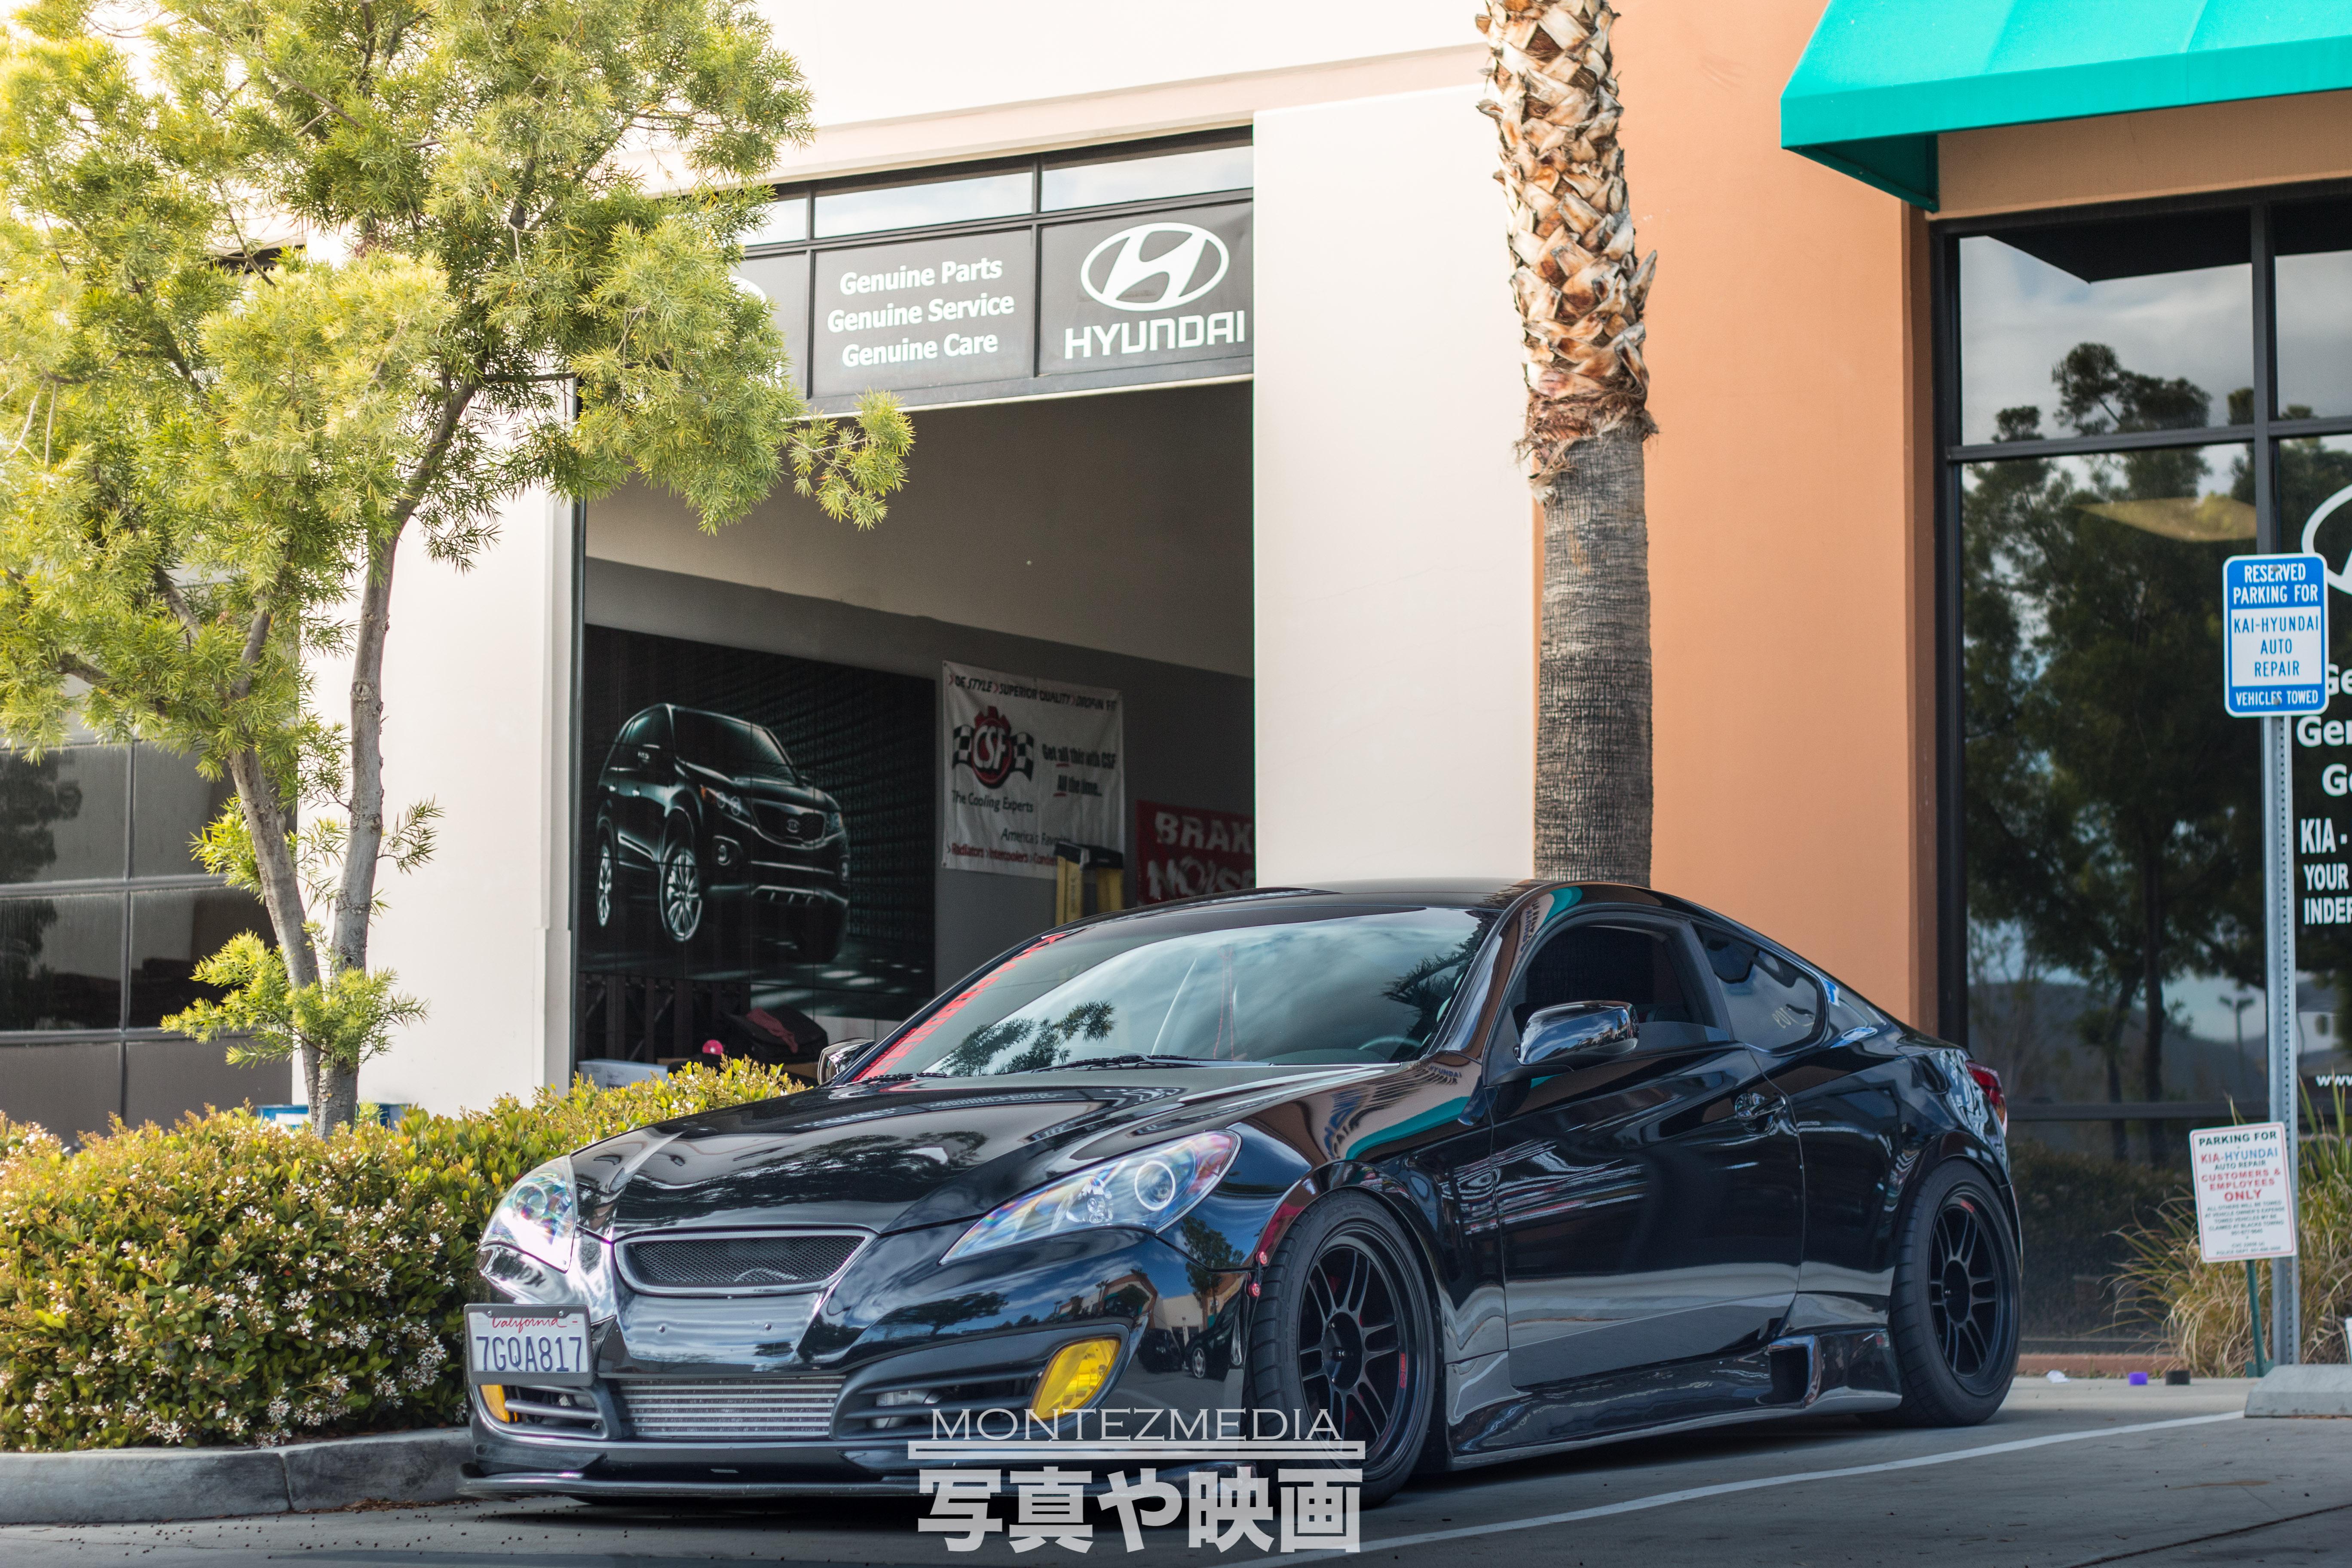 18 X 9 5 15 18 X 10 5 15 Genesis Coupe Enkei Rpf1 Combo